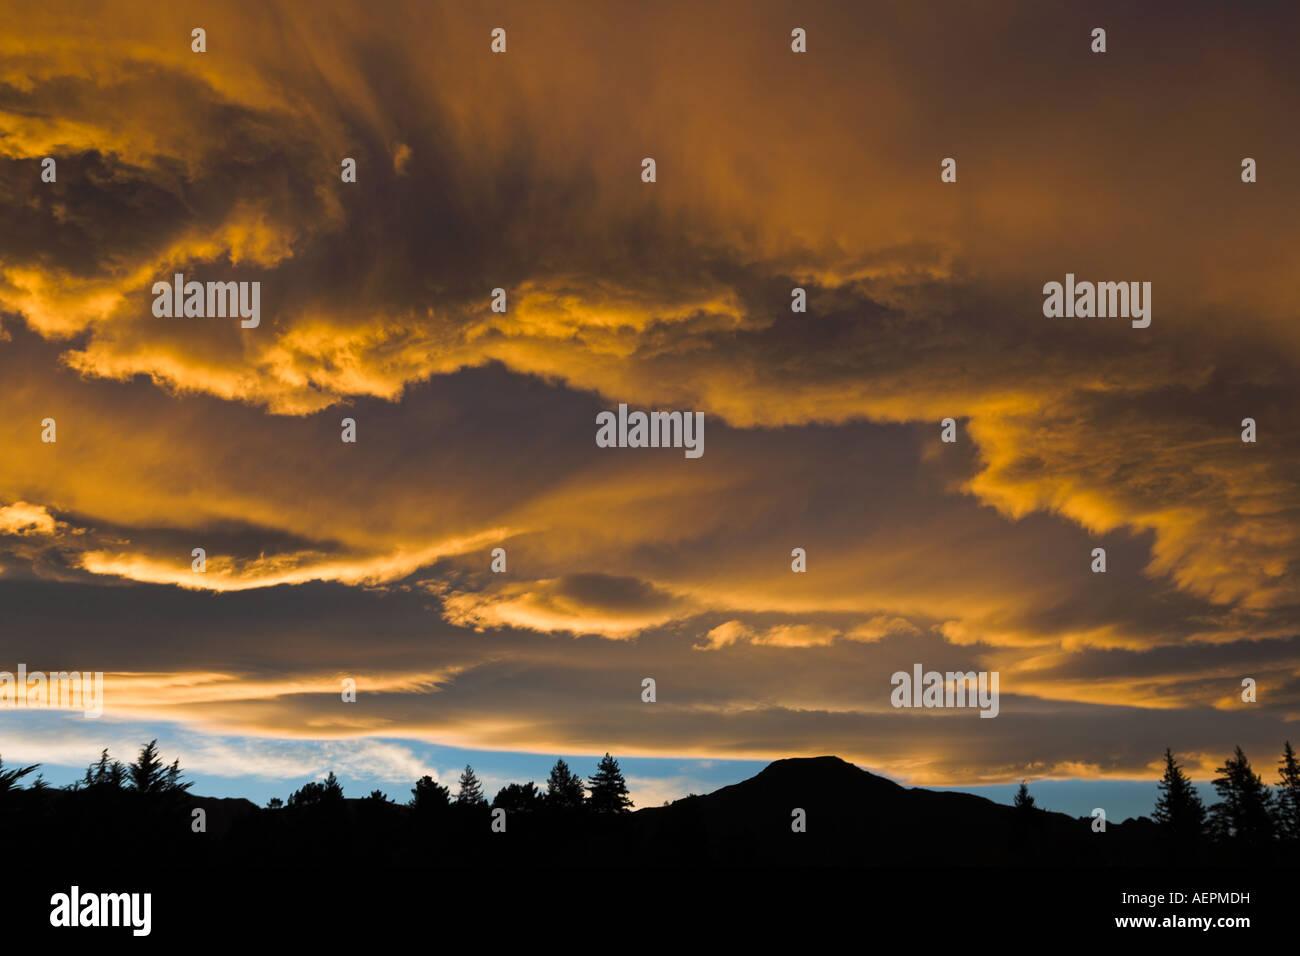 Spektakulären Sonnenuntergang über der Stadt von Hanmer Springs, Südinsel, Neuseeland Stockbild